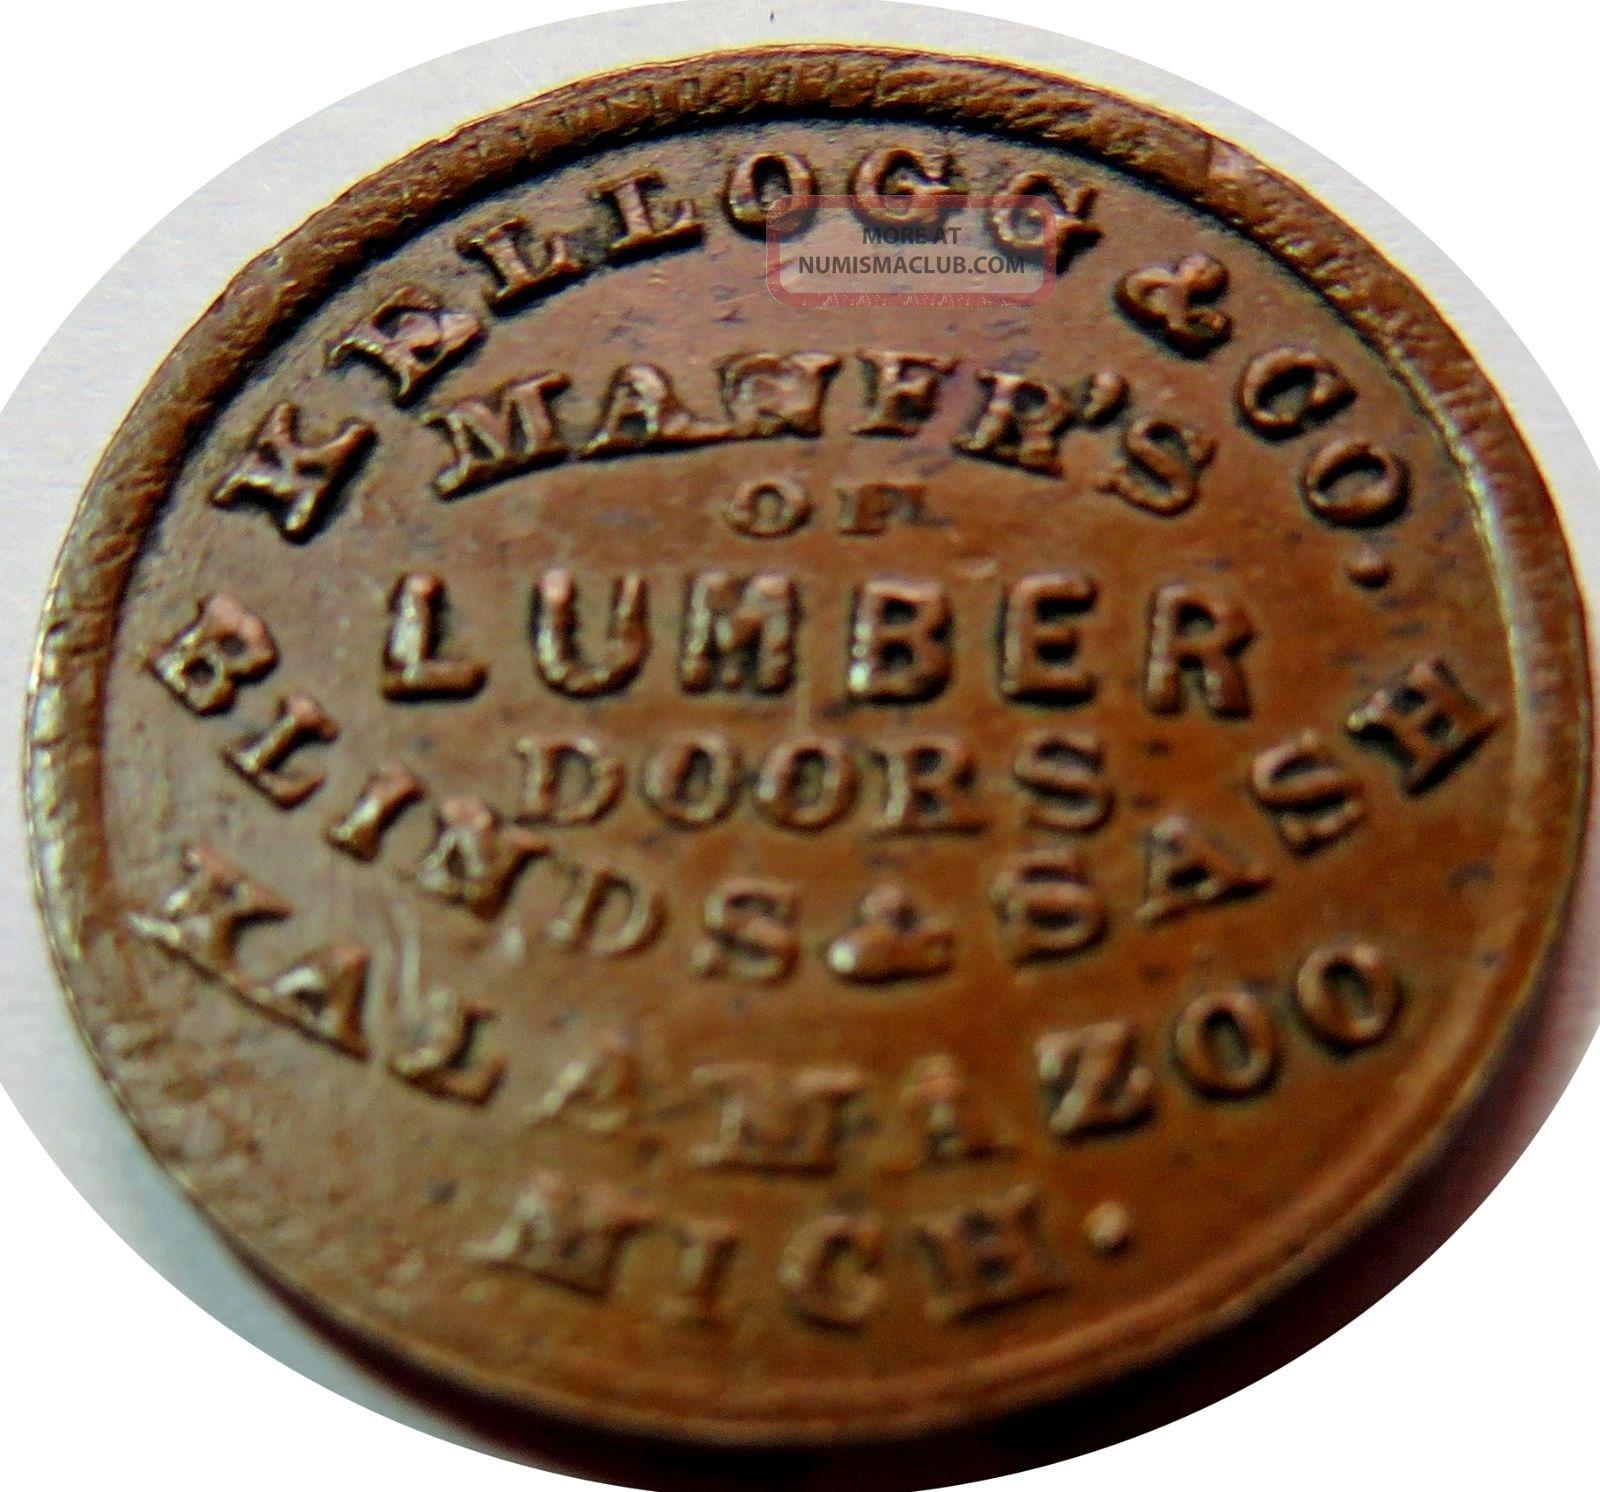 Kalamazoo,  Mi530e - 1a (r - 5) Kellog & Co Lumber Doors Sashes Tough Scarce Merchant Exonumia photo